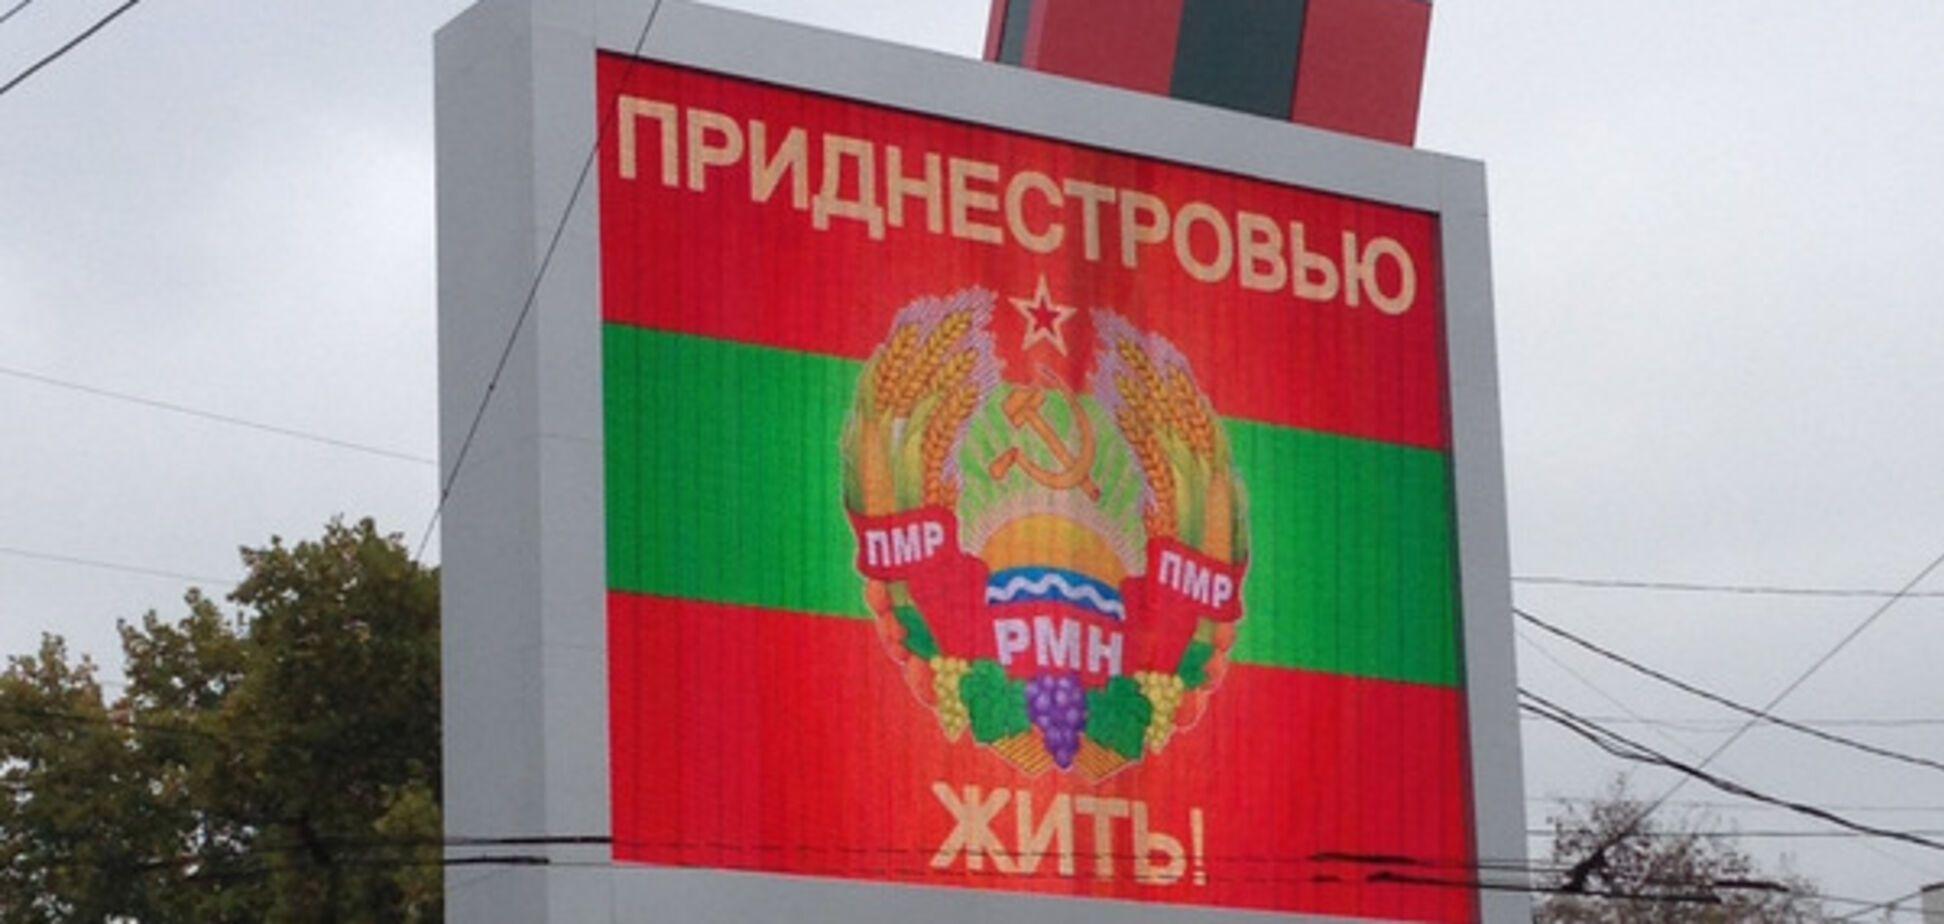 Кремль не пробачає: Портніков пояснив, чому втік екс-лідер Придністров'я